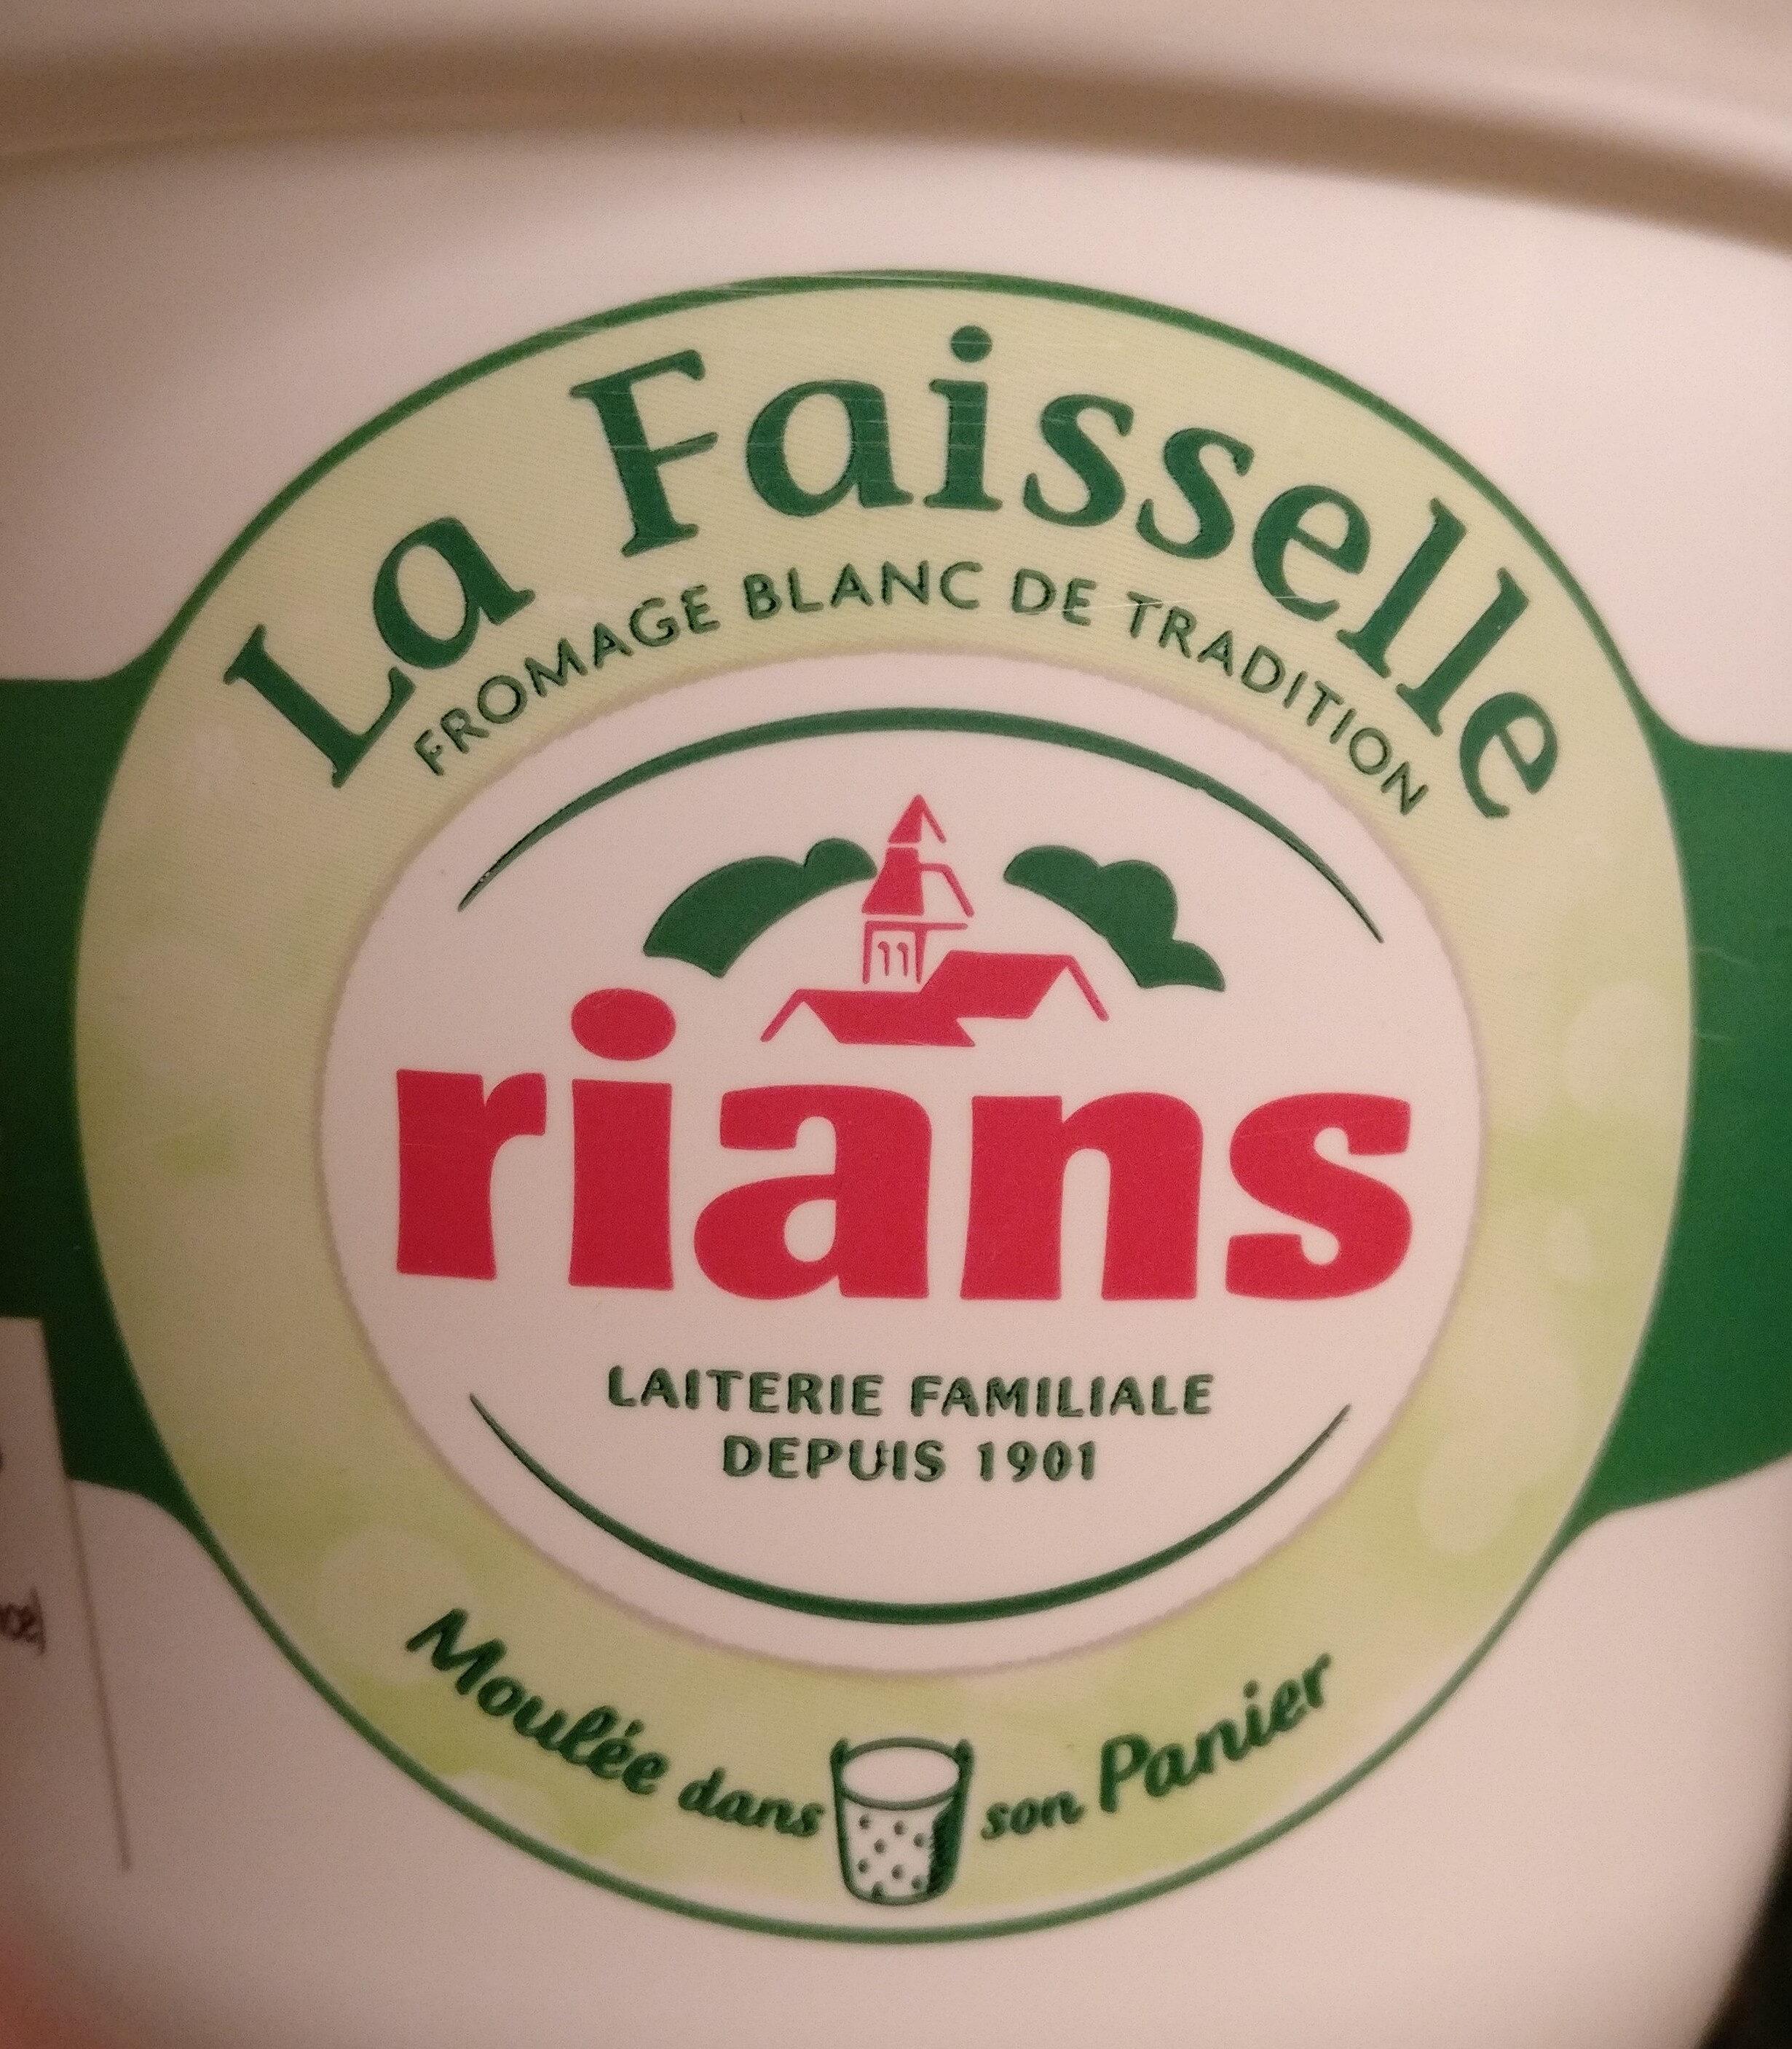 la faisselle - Produit - fr